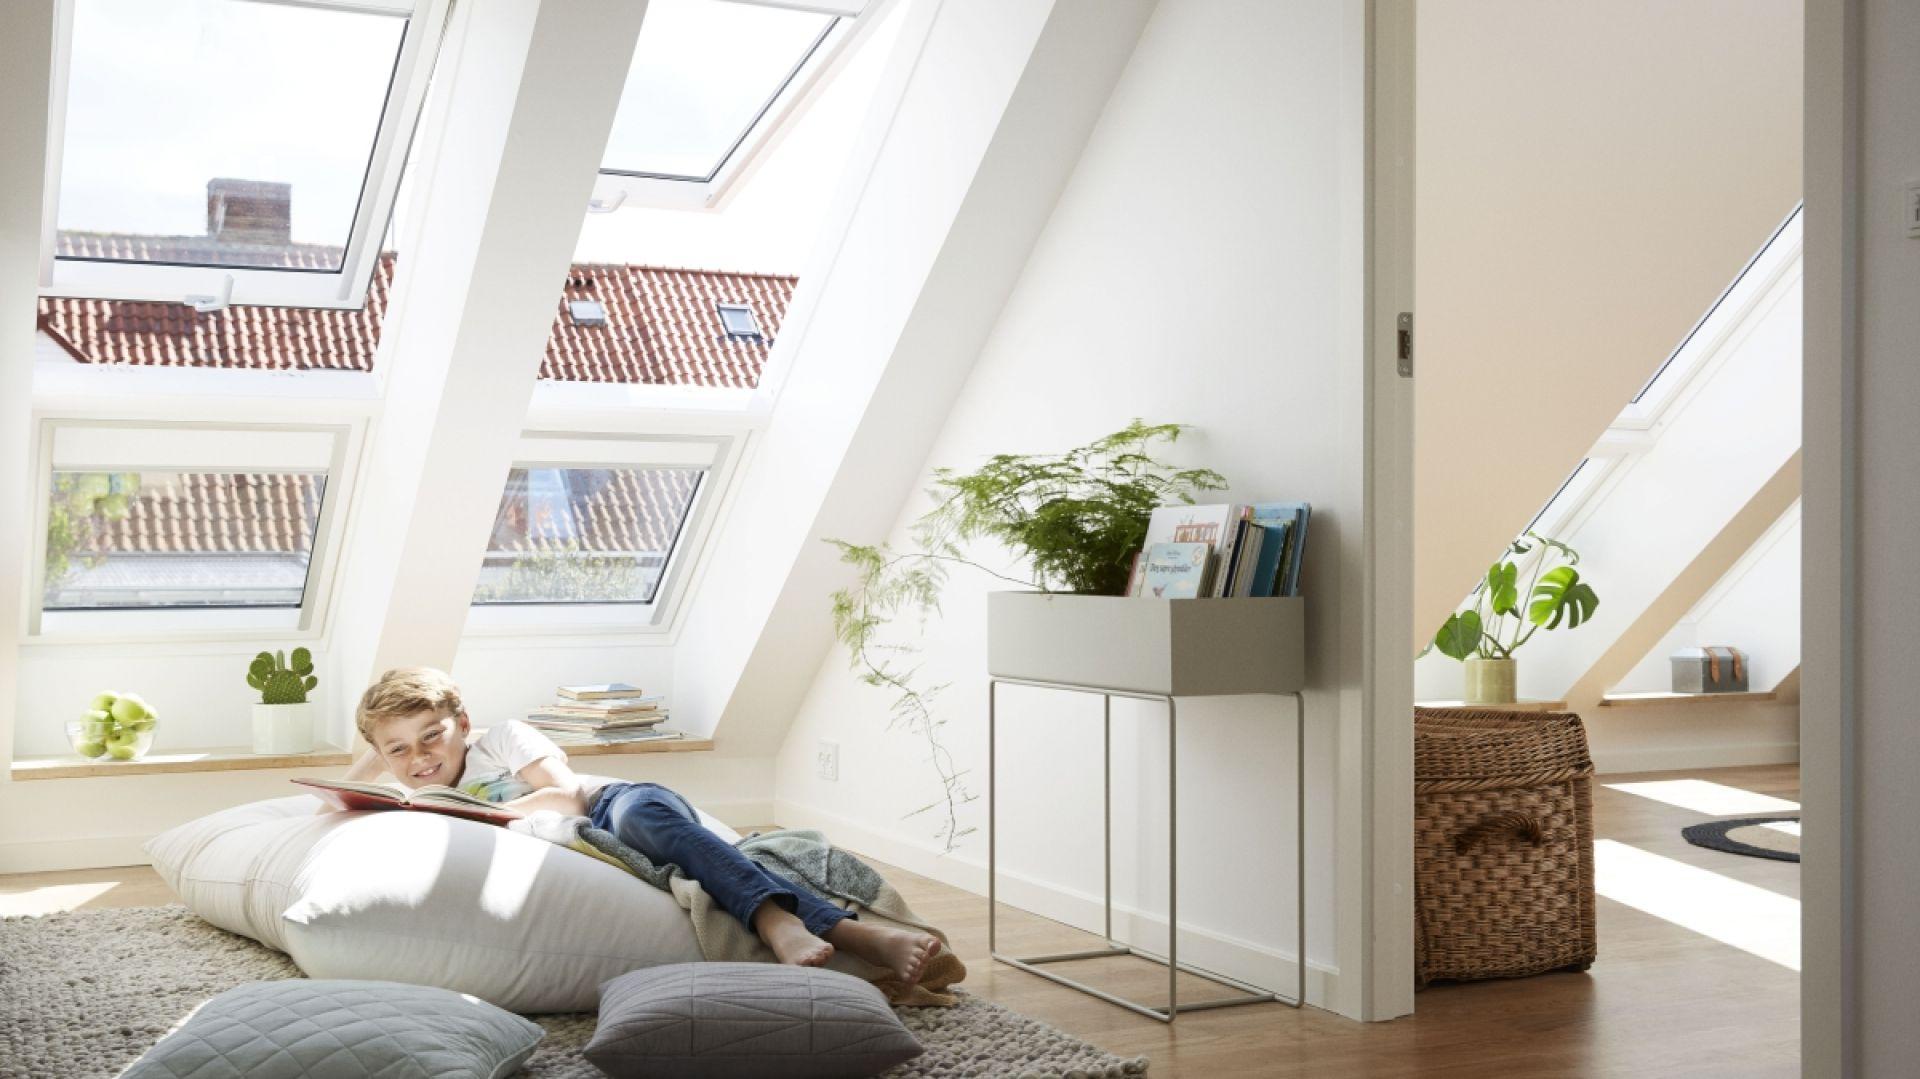 Przy zakupie okien do domu warto wybierać okna, które mają większe szyby w stosunku do ram. Fot. Velux